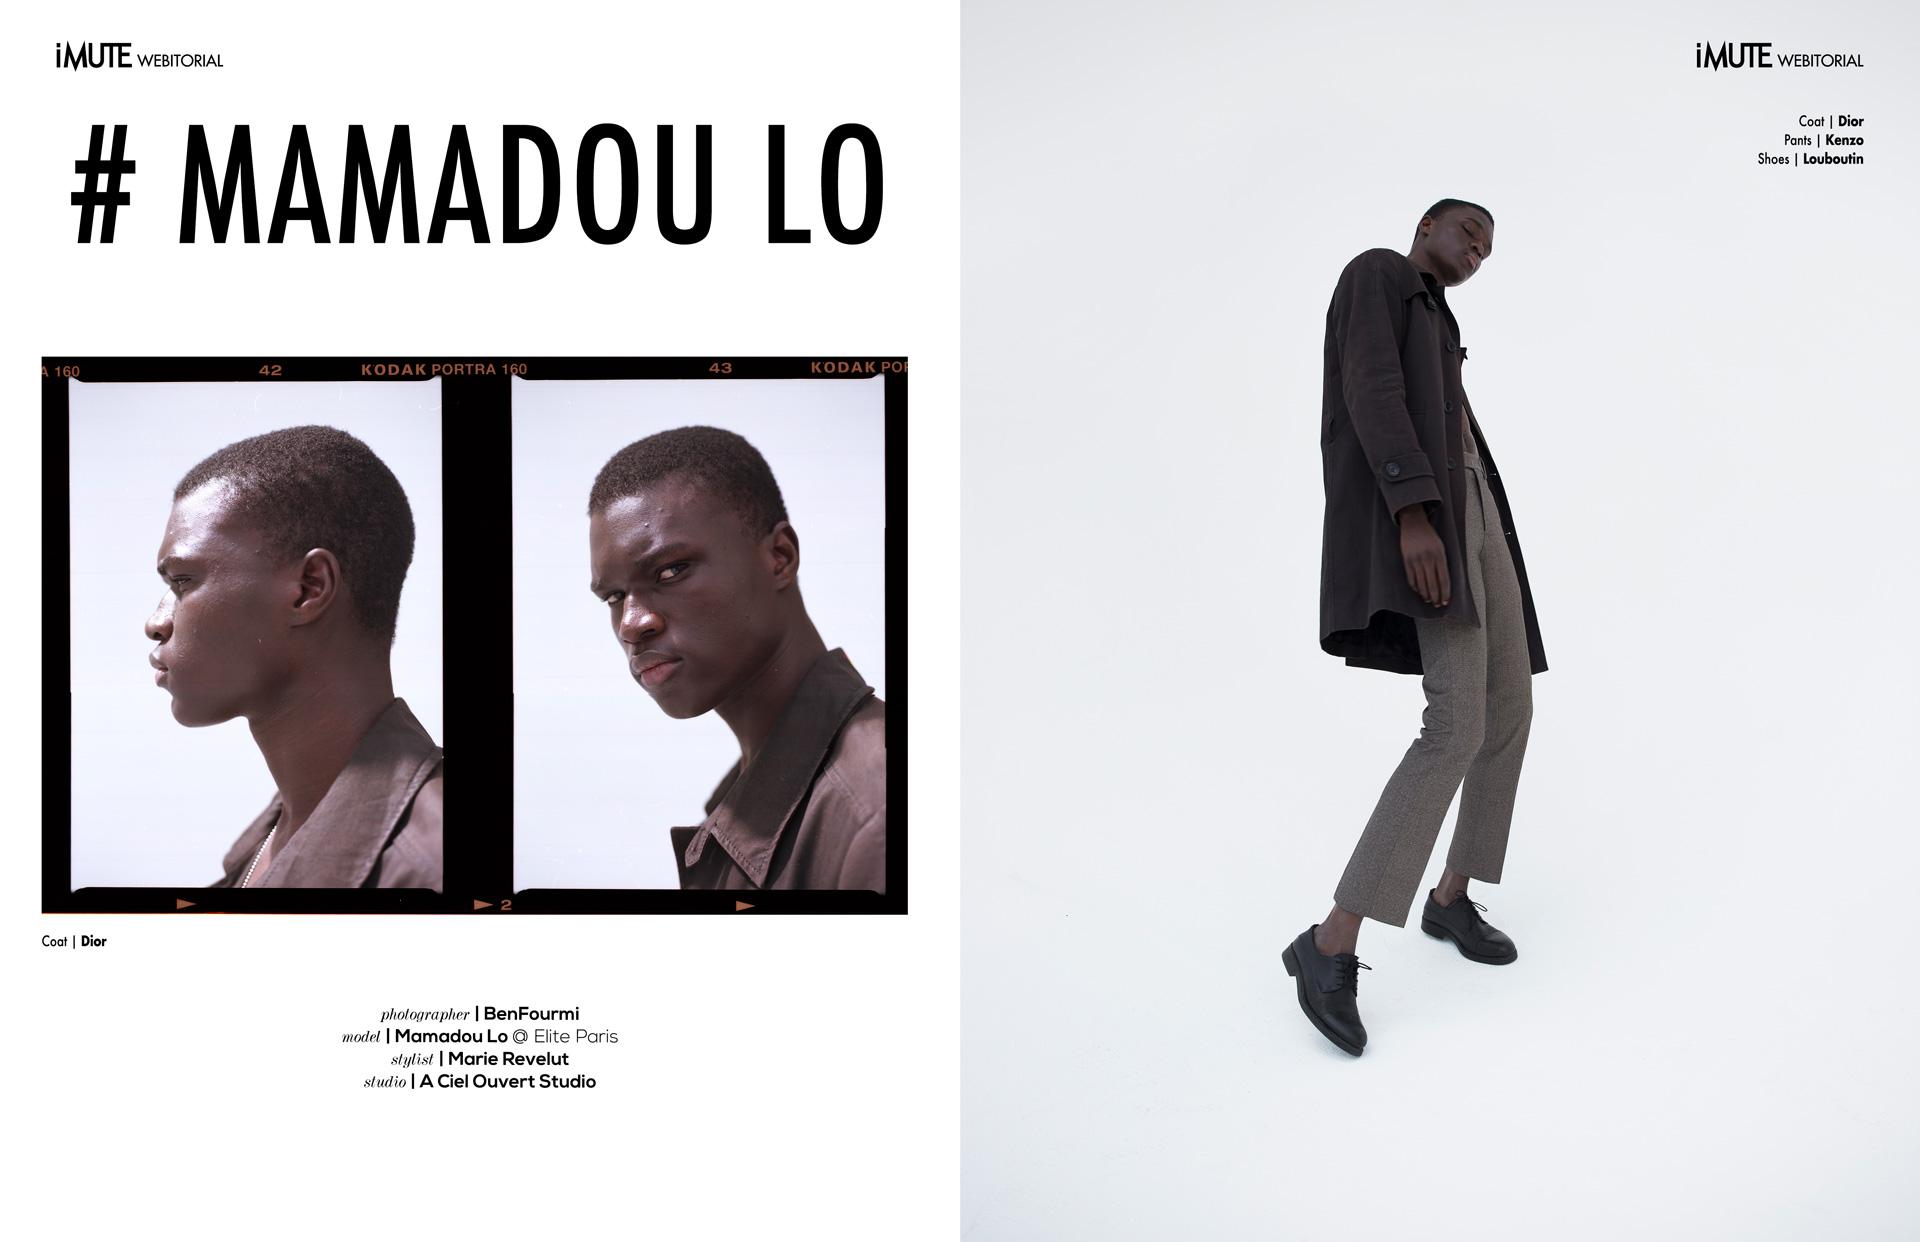 # MAMADOU LO webitorial for iMute Magazine Photographer|BenFourmi Model| Mamadou Lo @Elite Paris Stylist| Marie Revelut Studio|A Ciel Ouvert Studio